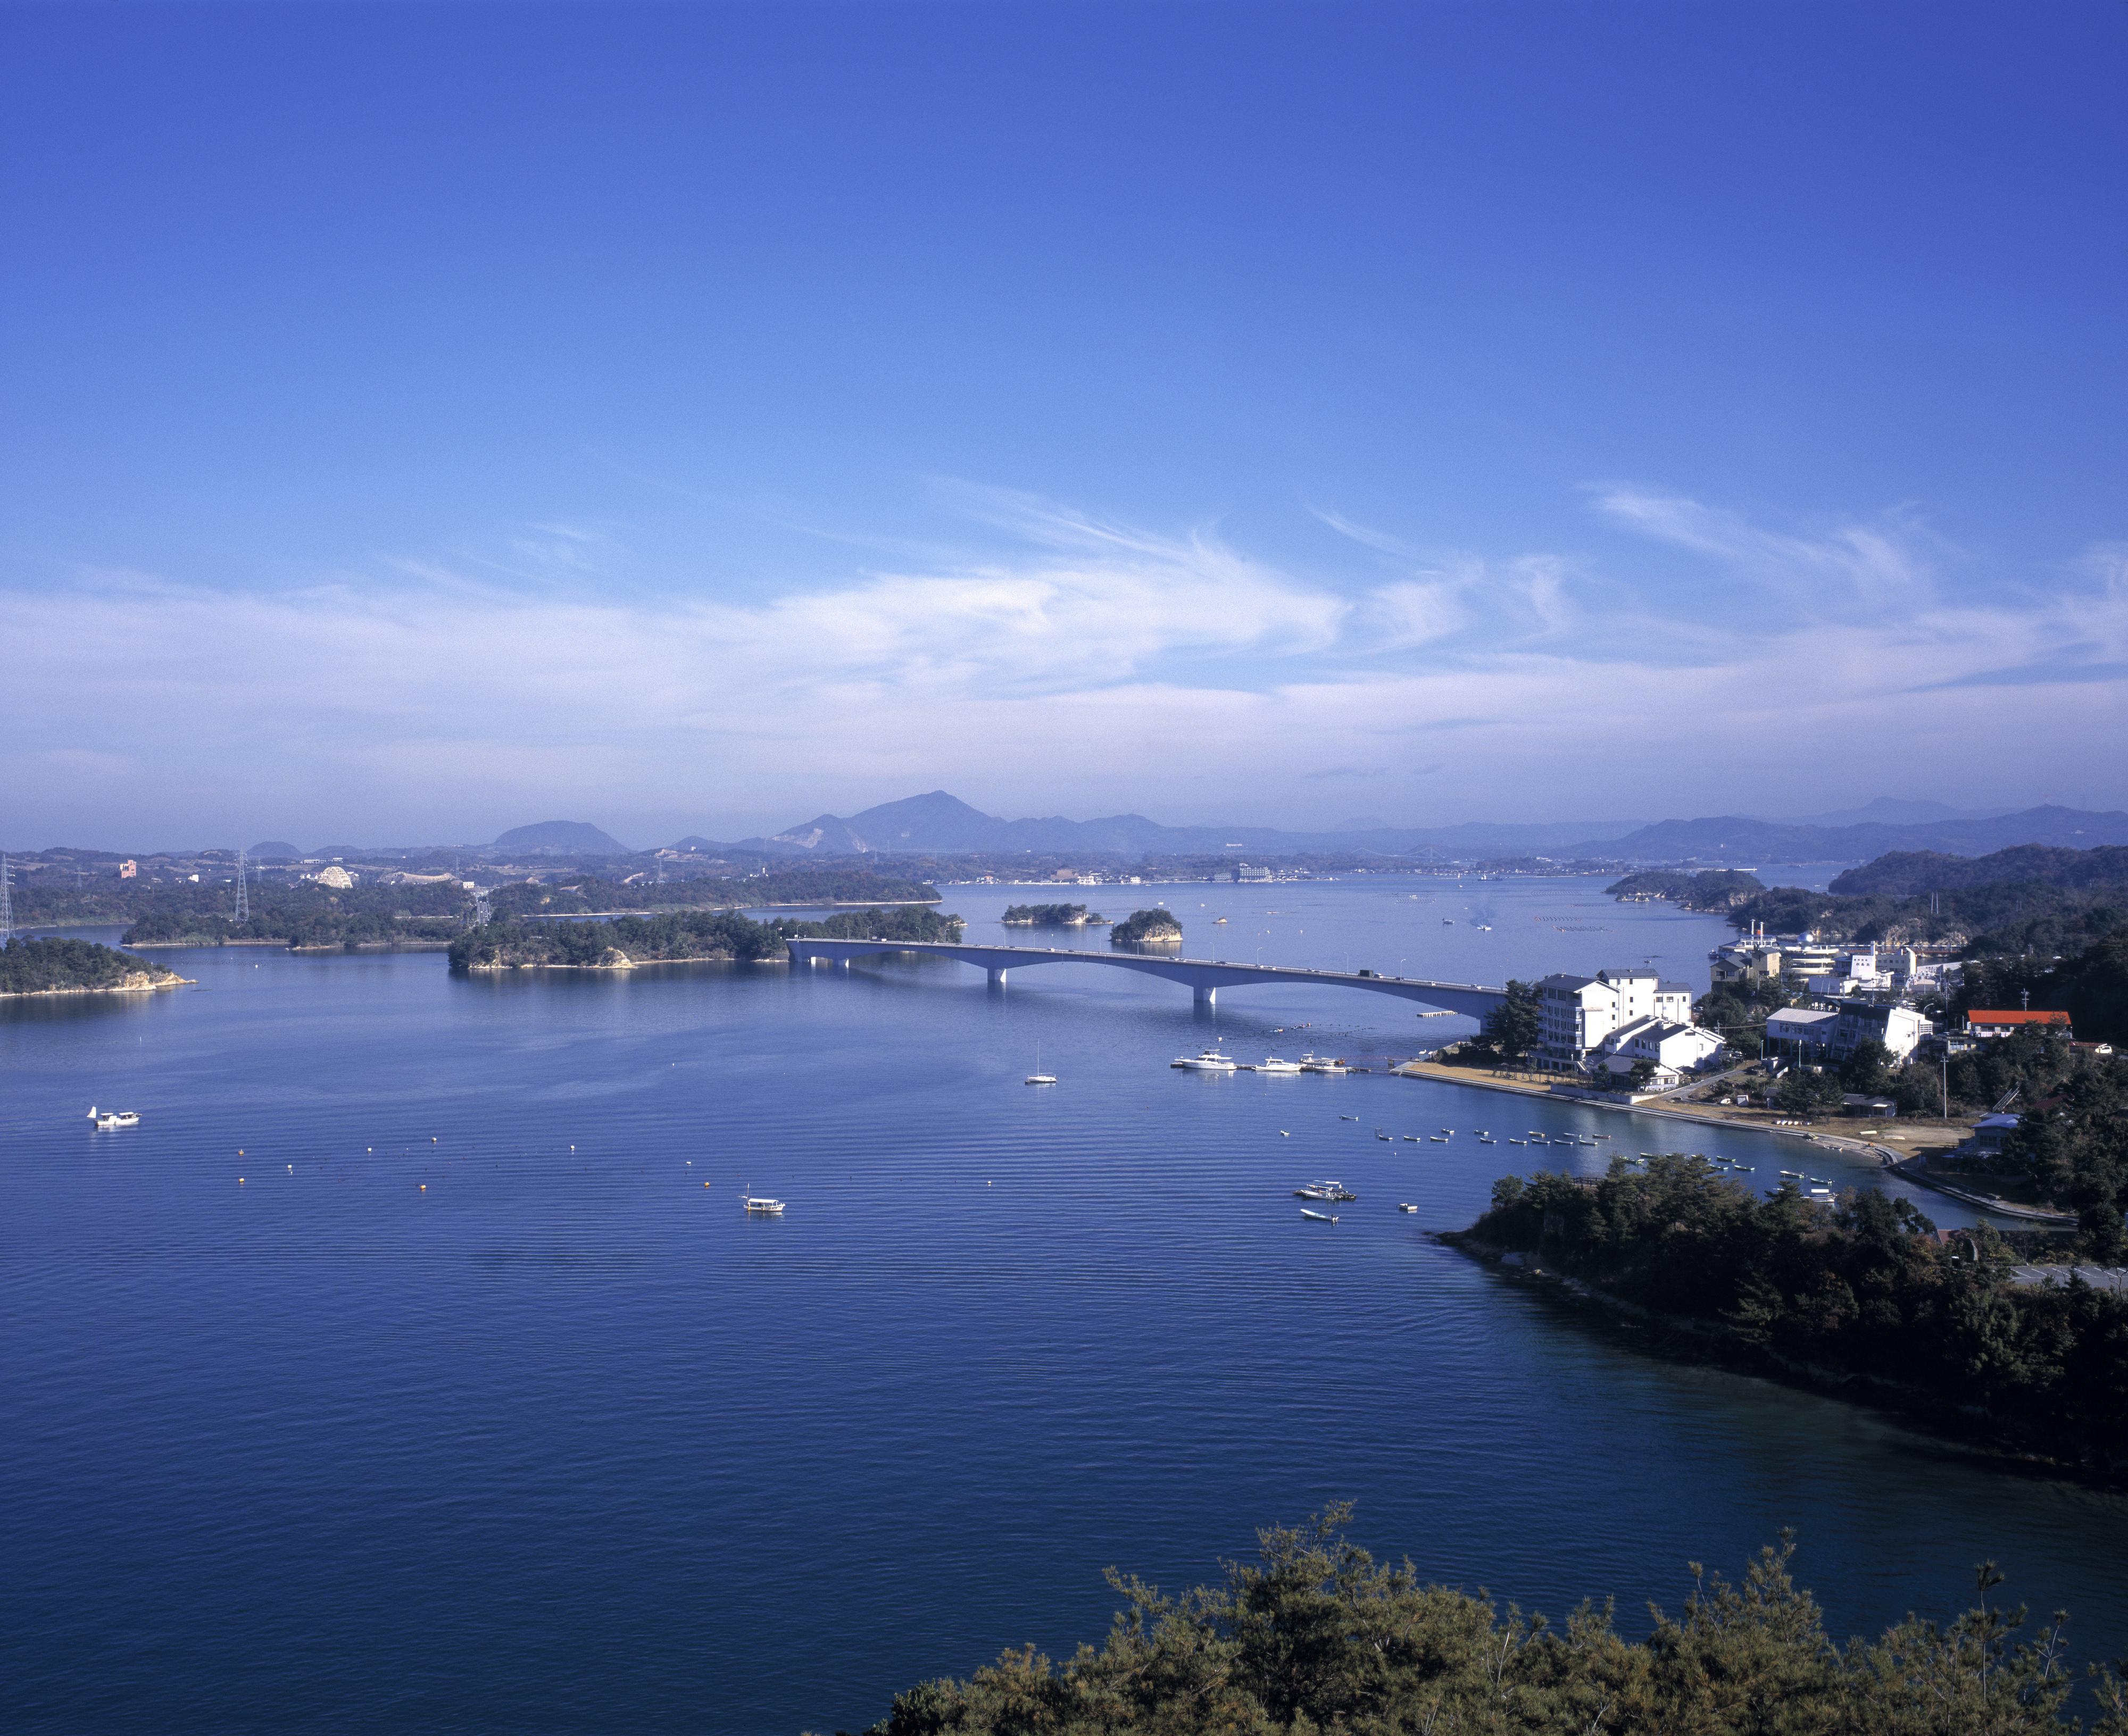 http://www.city.kamiamakusa.kumamoto.jp/pub/130_filea_138a200147ae4ad66d6e21b8a4f84bc8.jpg